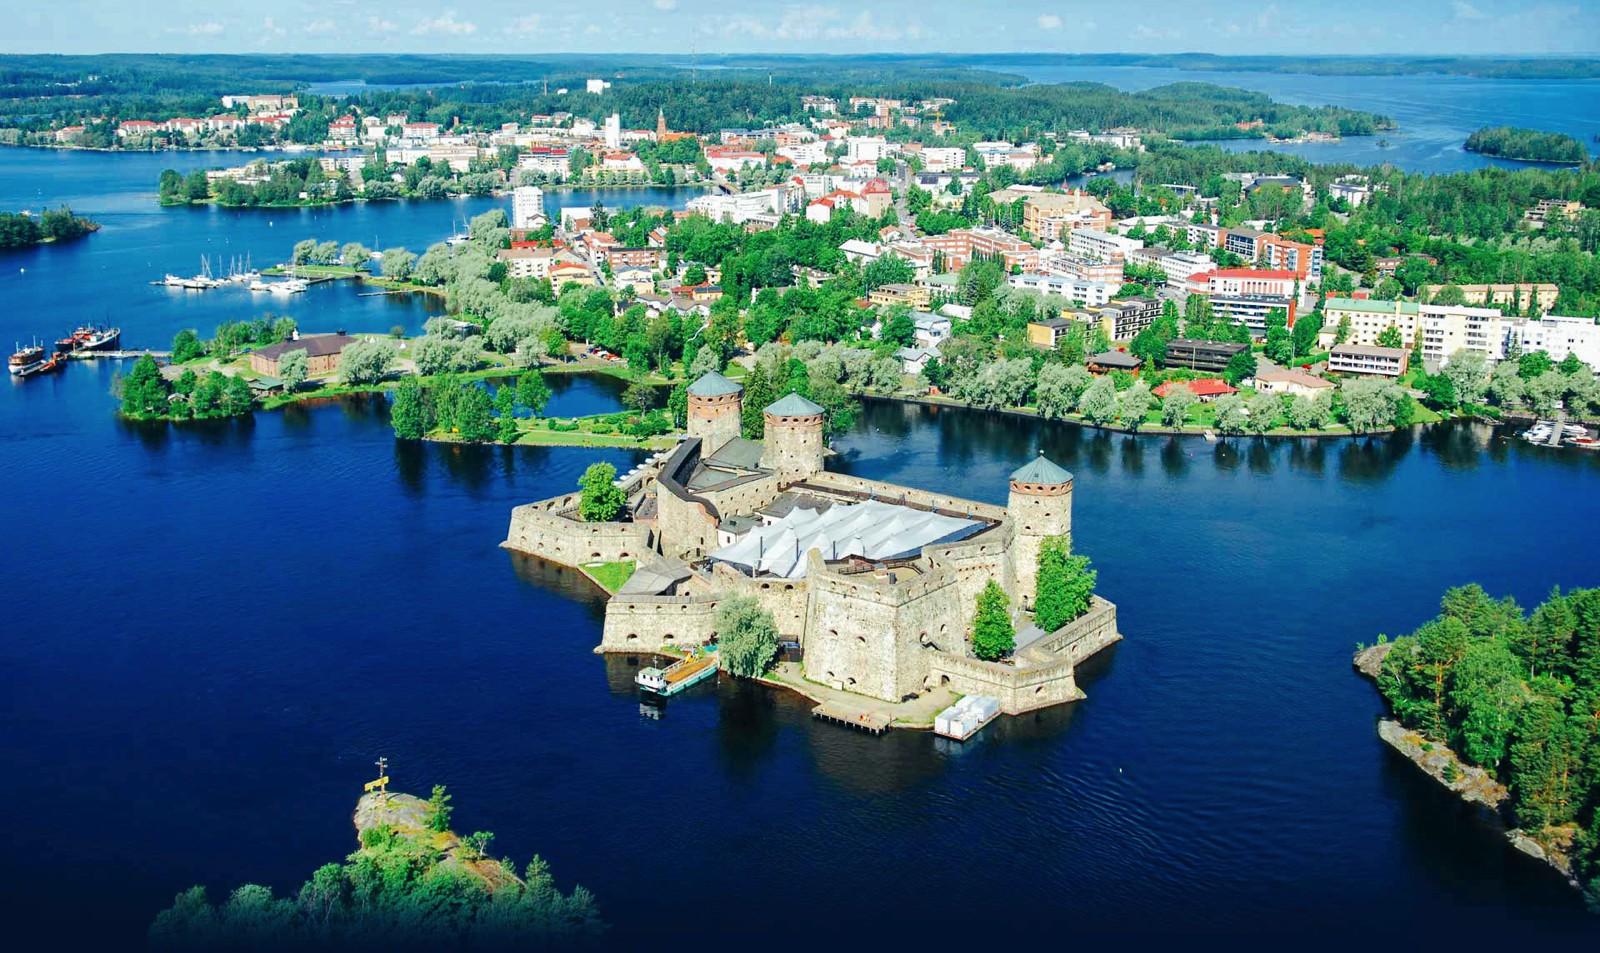 صورة افضل المدن السياحية , اشهر وجهات سياحية فى العالم